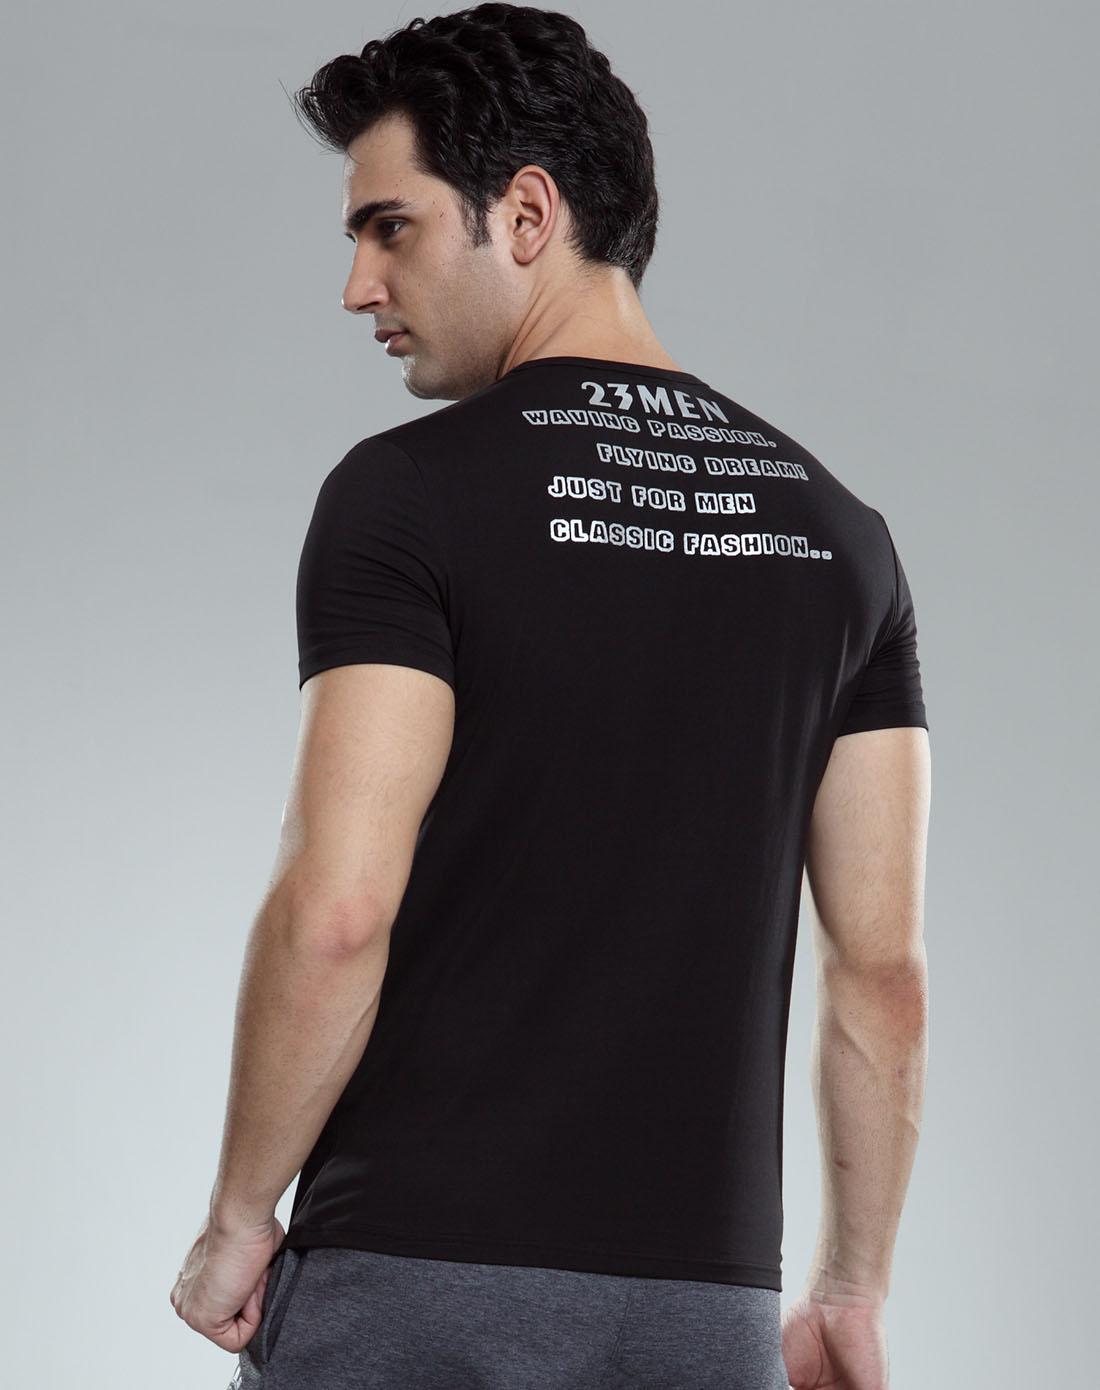 男款黑色v领后背印字短袖t恤